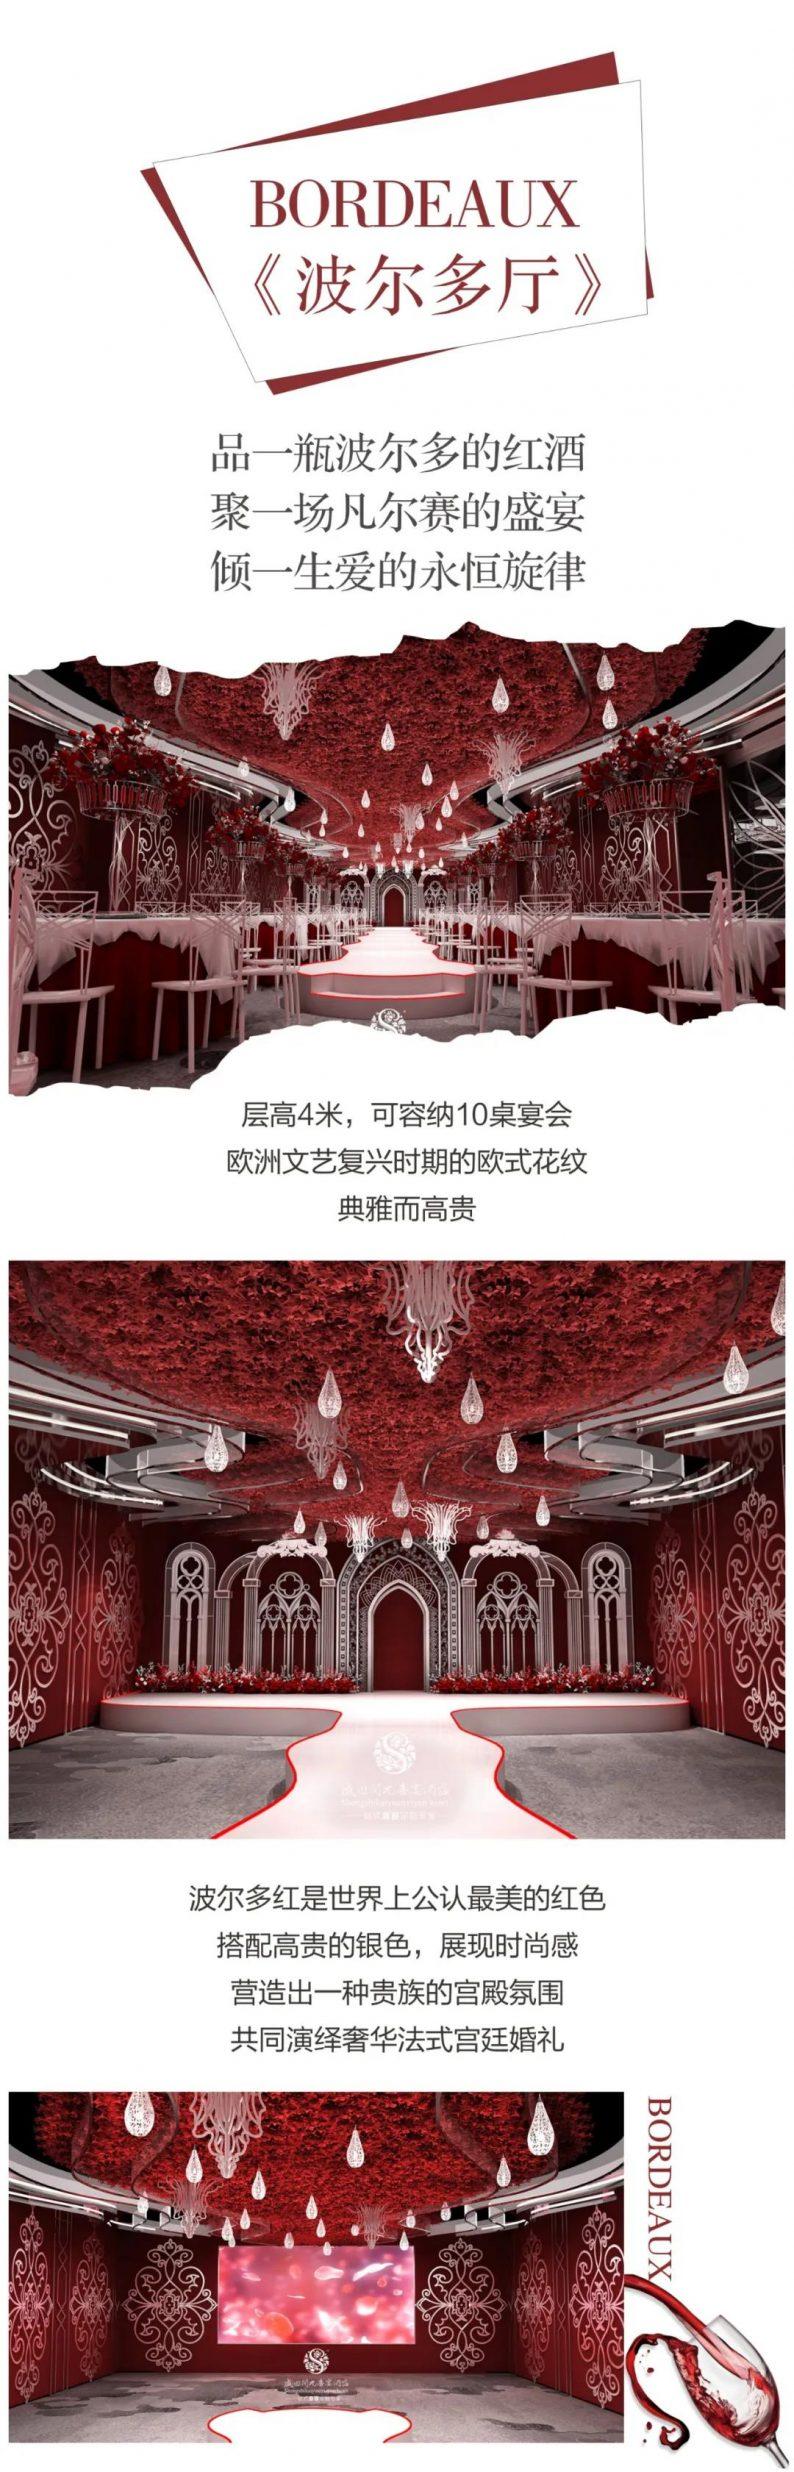 婚礼堂发布:徐丹设计!南阳首家百万级婚礼堂  第10张